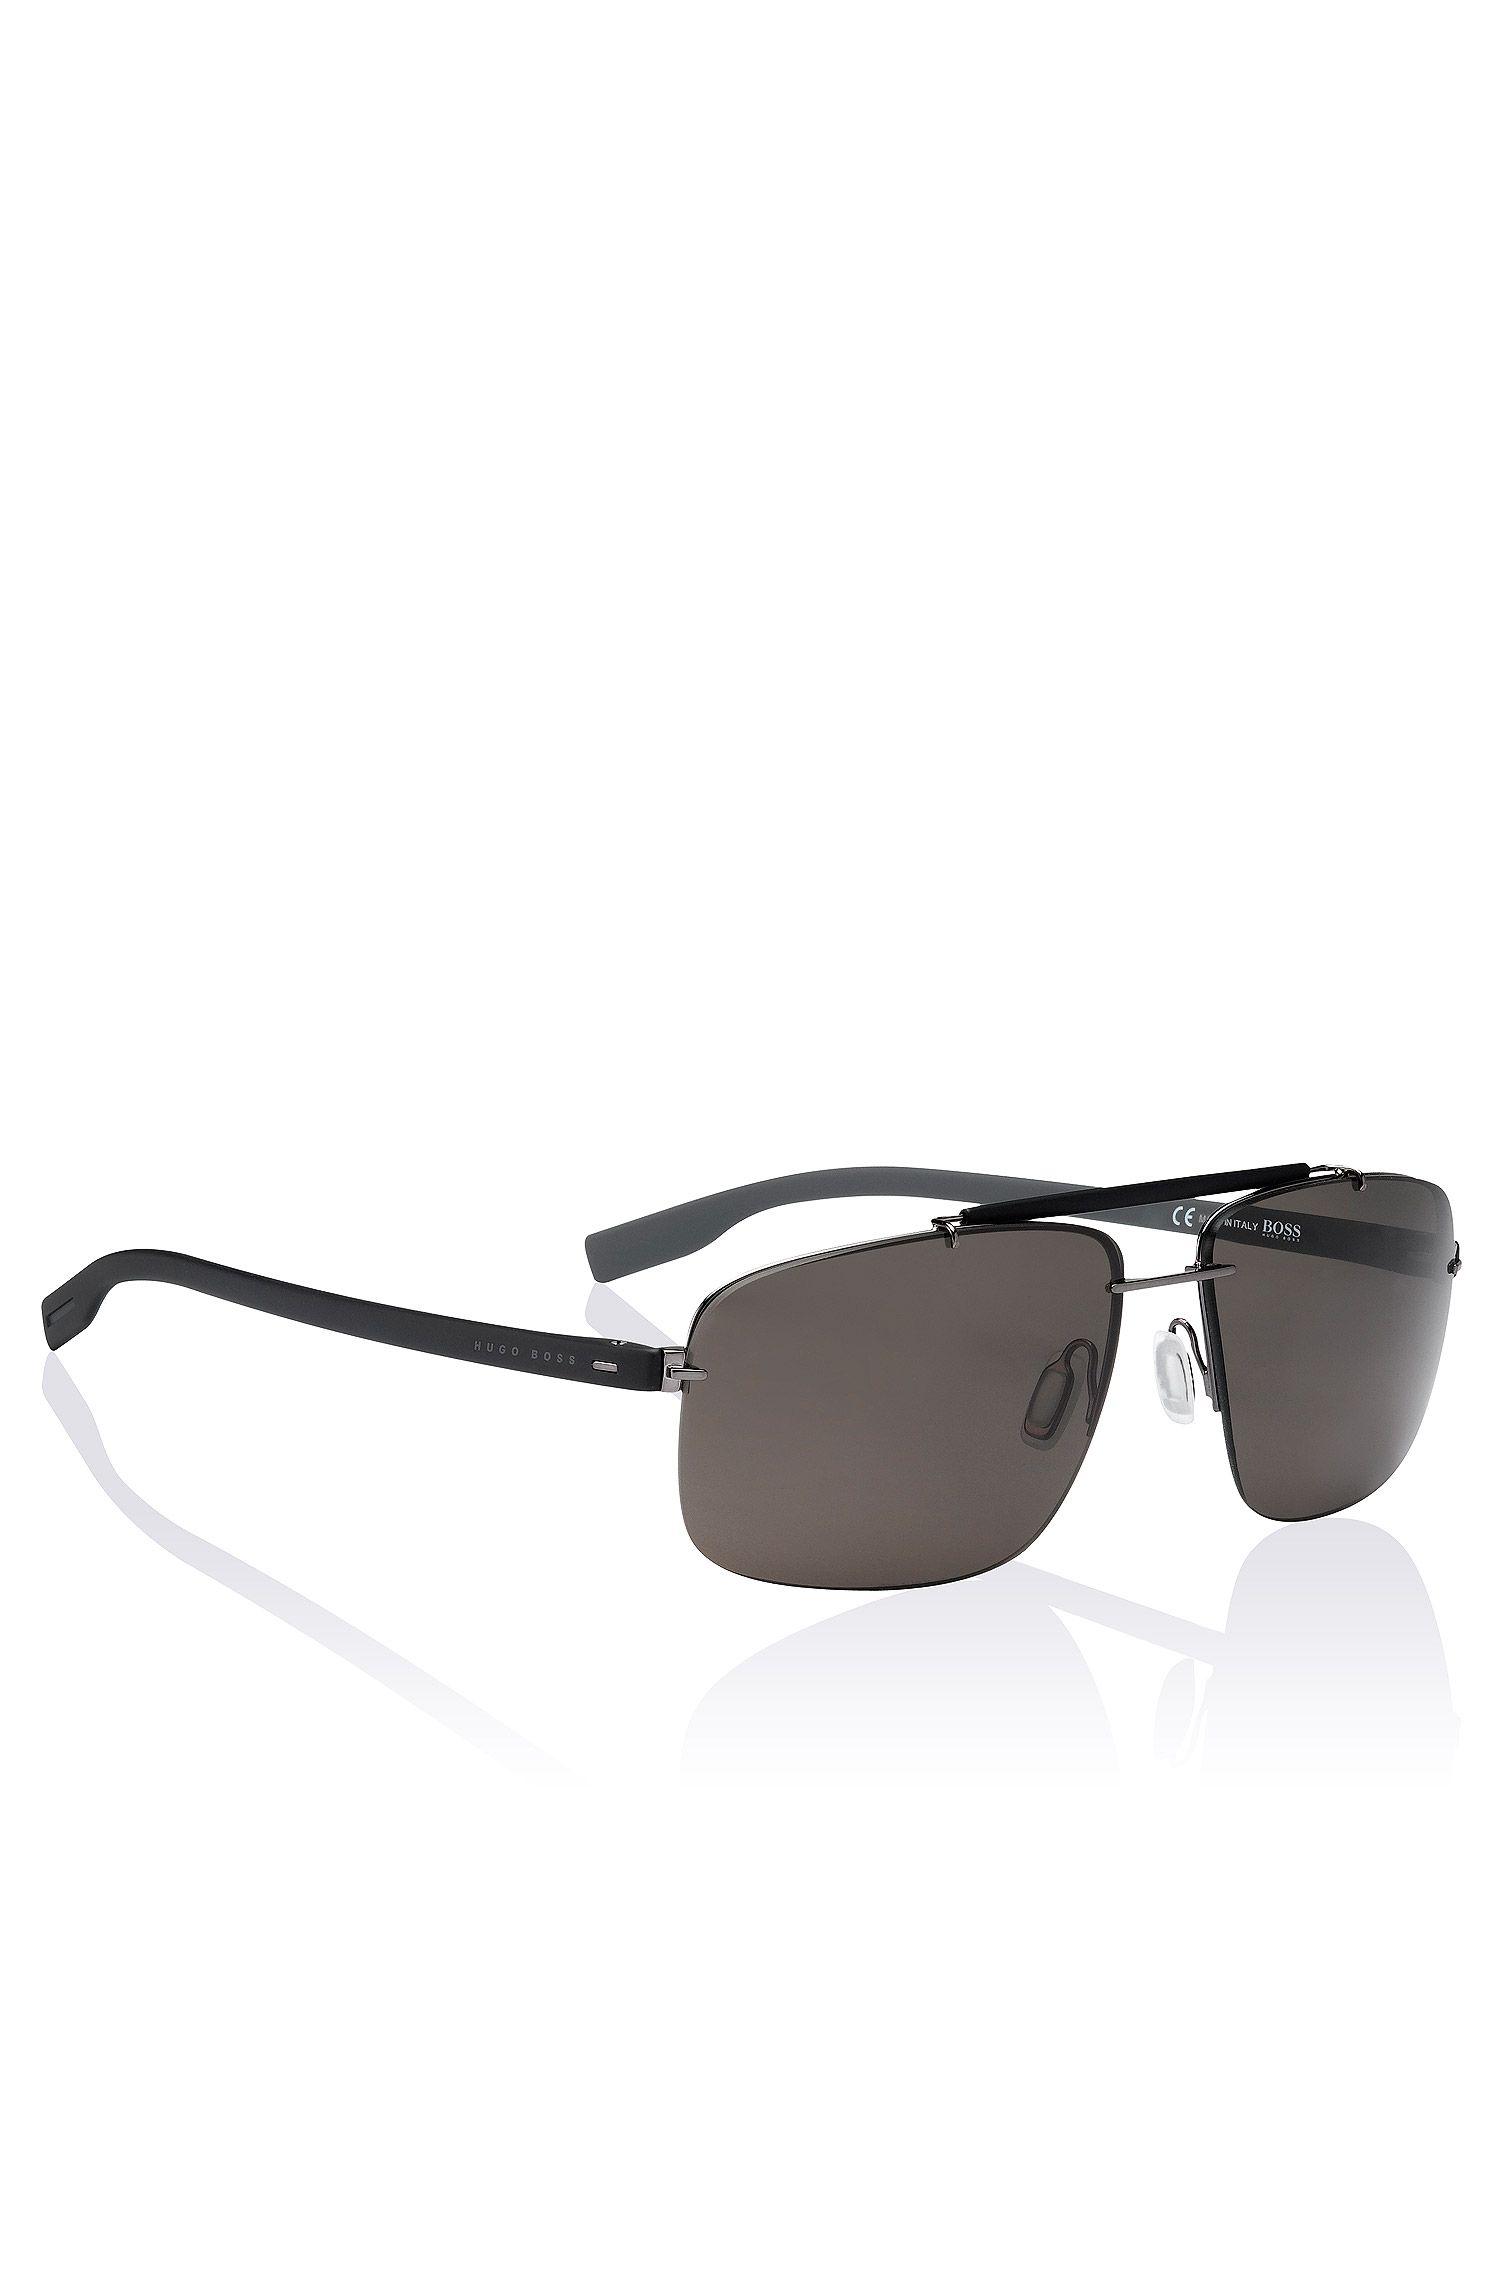 Gafas de sol 'BOSS 0608' de metal